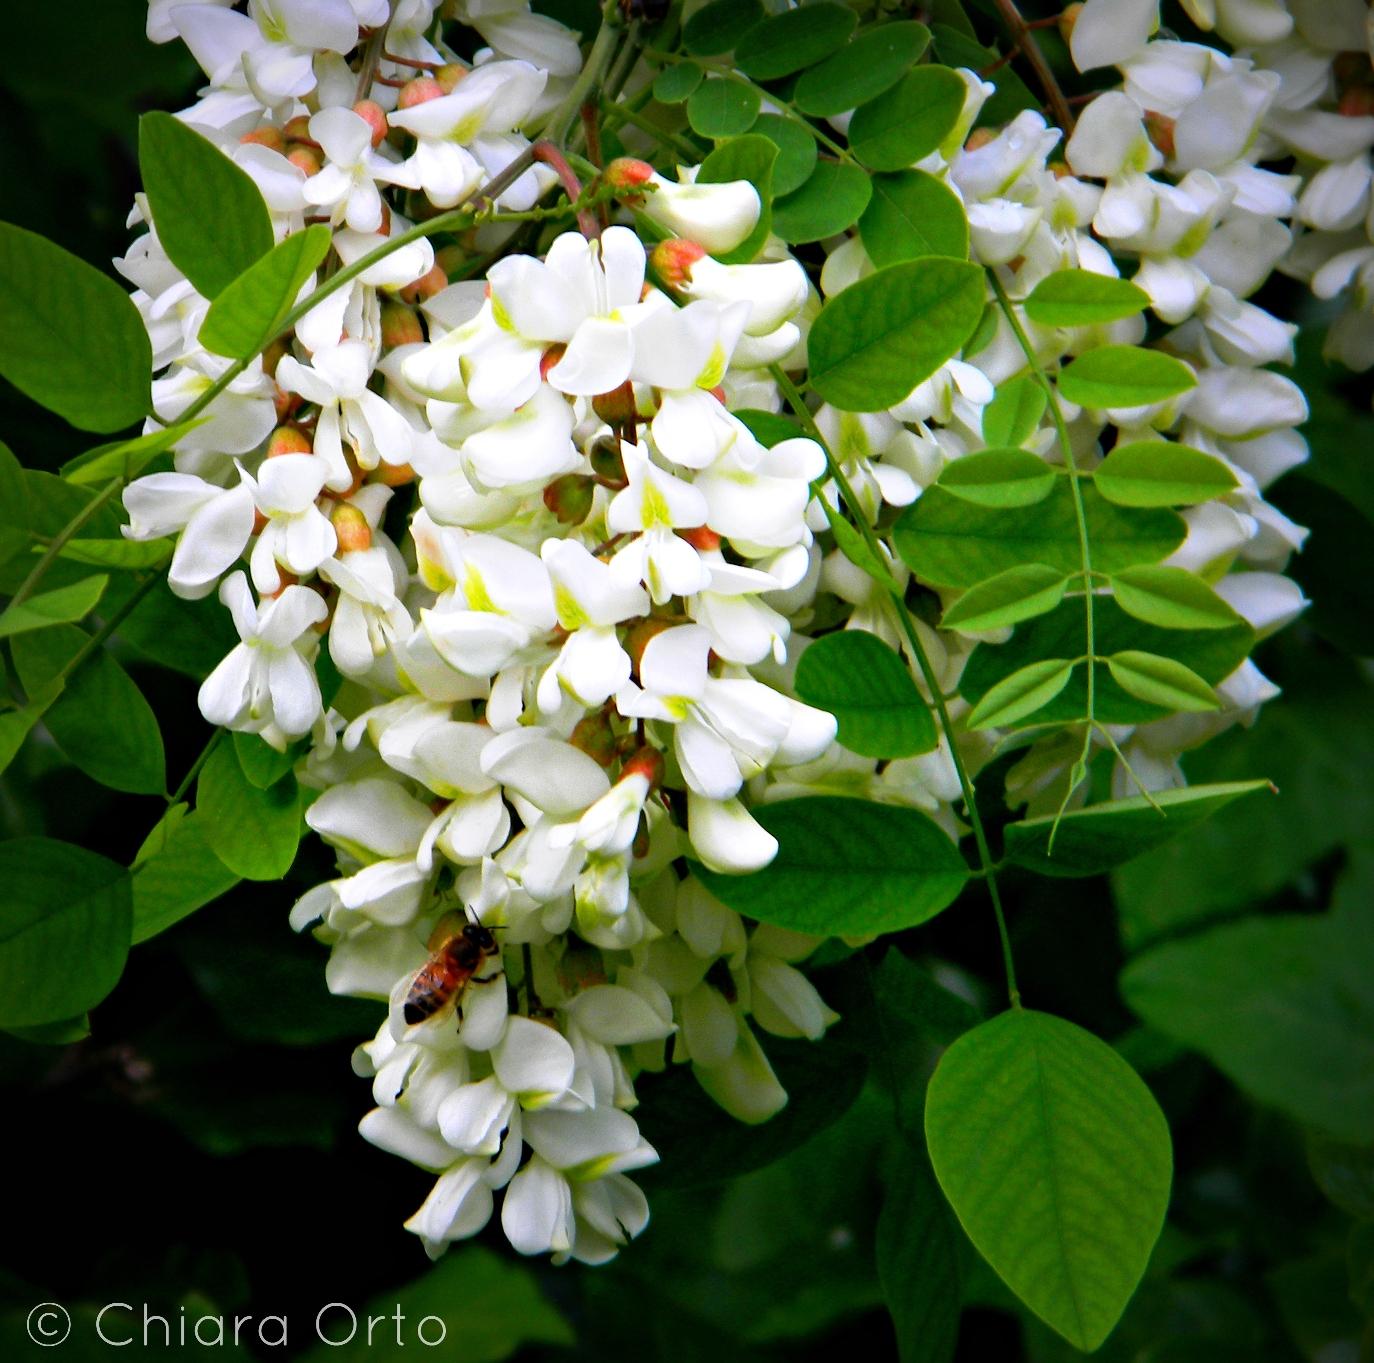 linguaggio segreto dei fiori